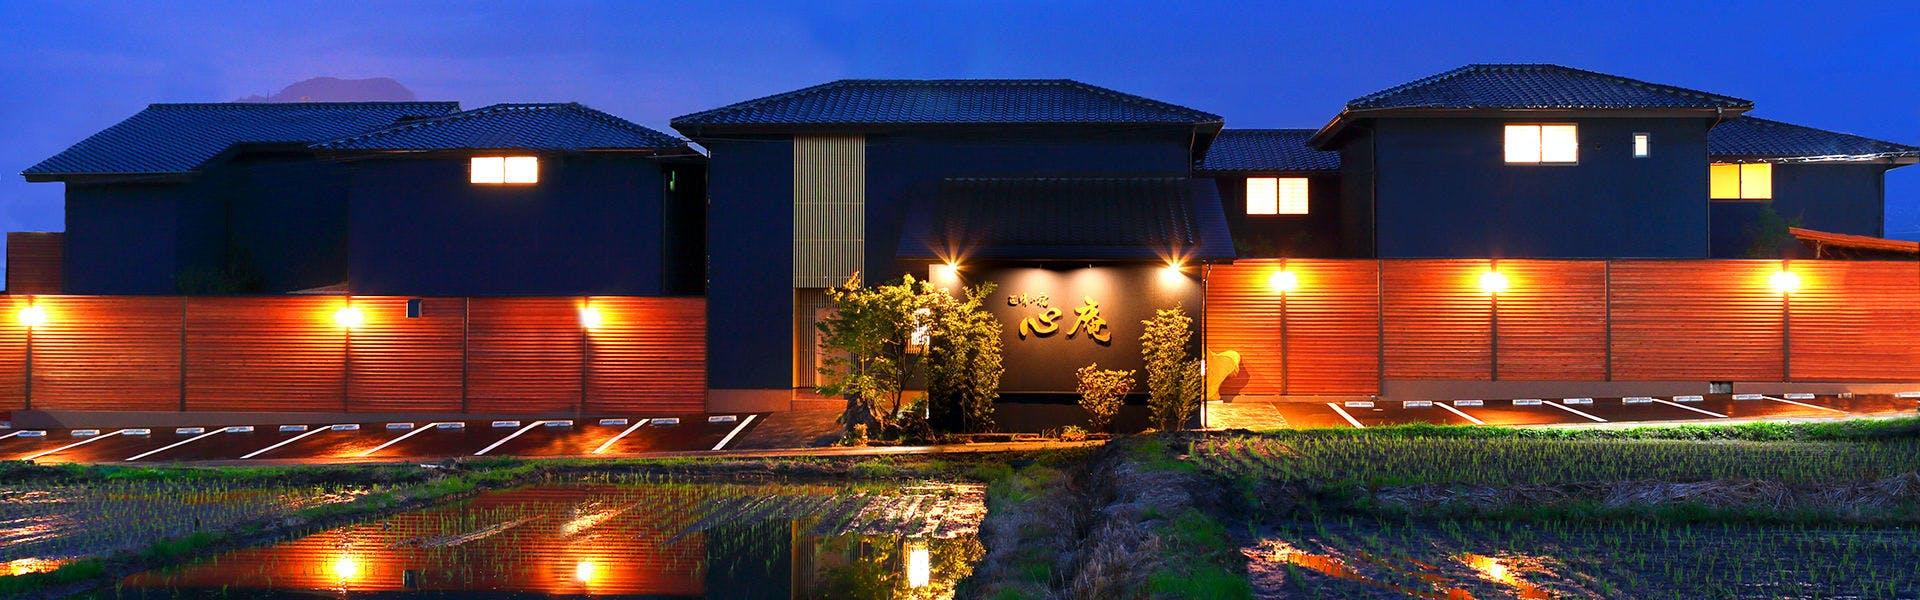 記念日におすすめのホテル・別府温泉 匠晴の宿 心庵の写真1